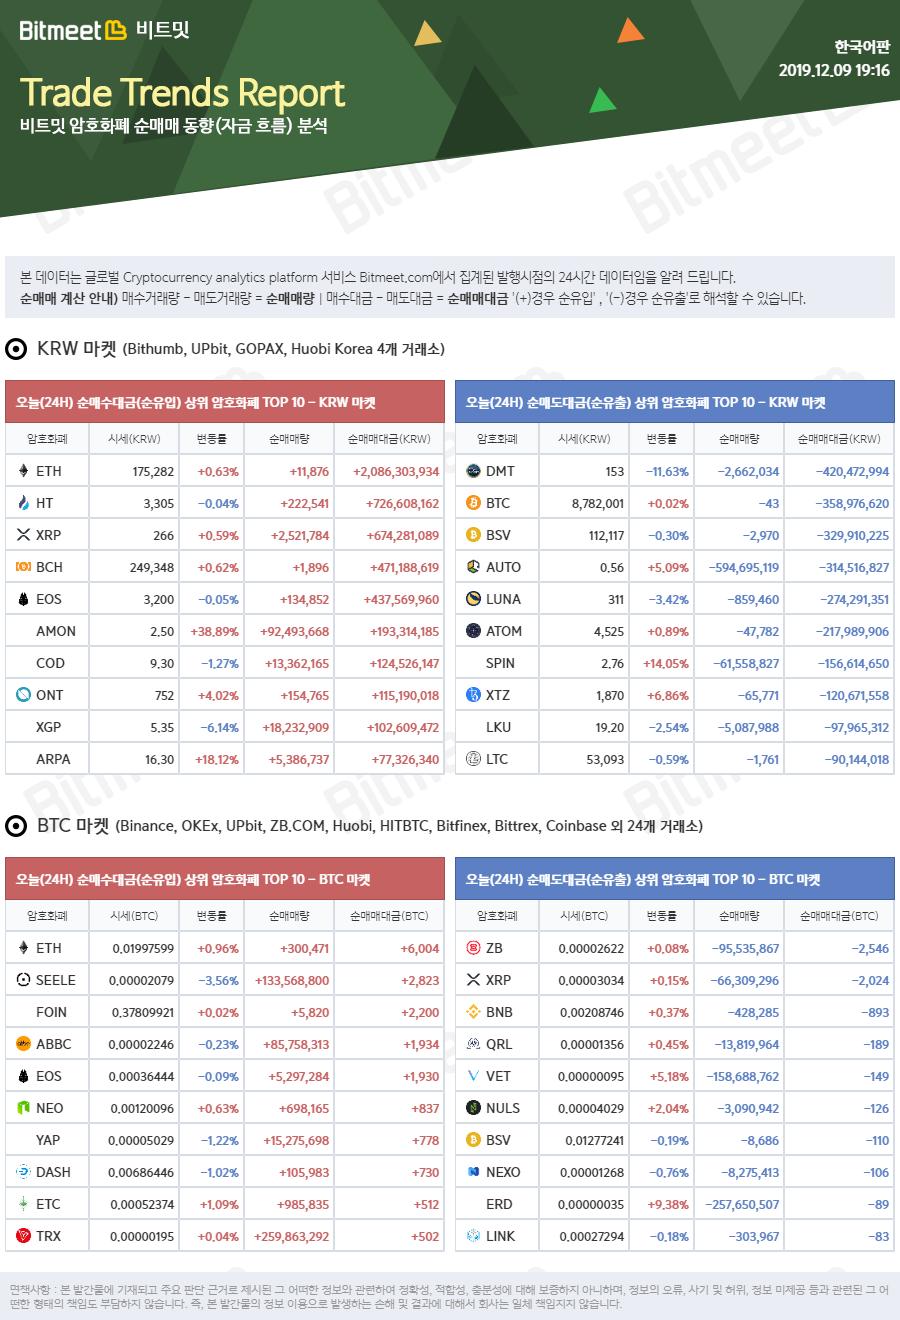 bitmeet_trends_report_2019-12-09_07_16_47.png